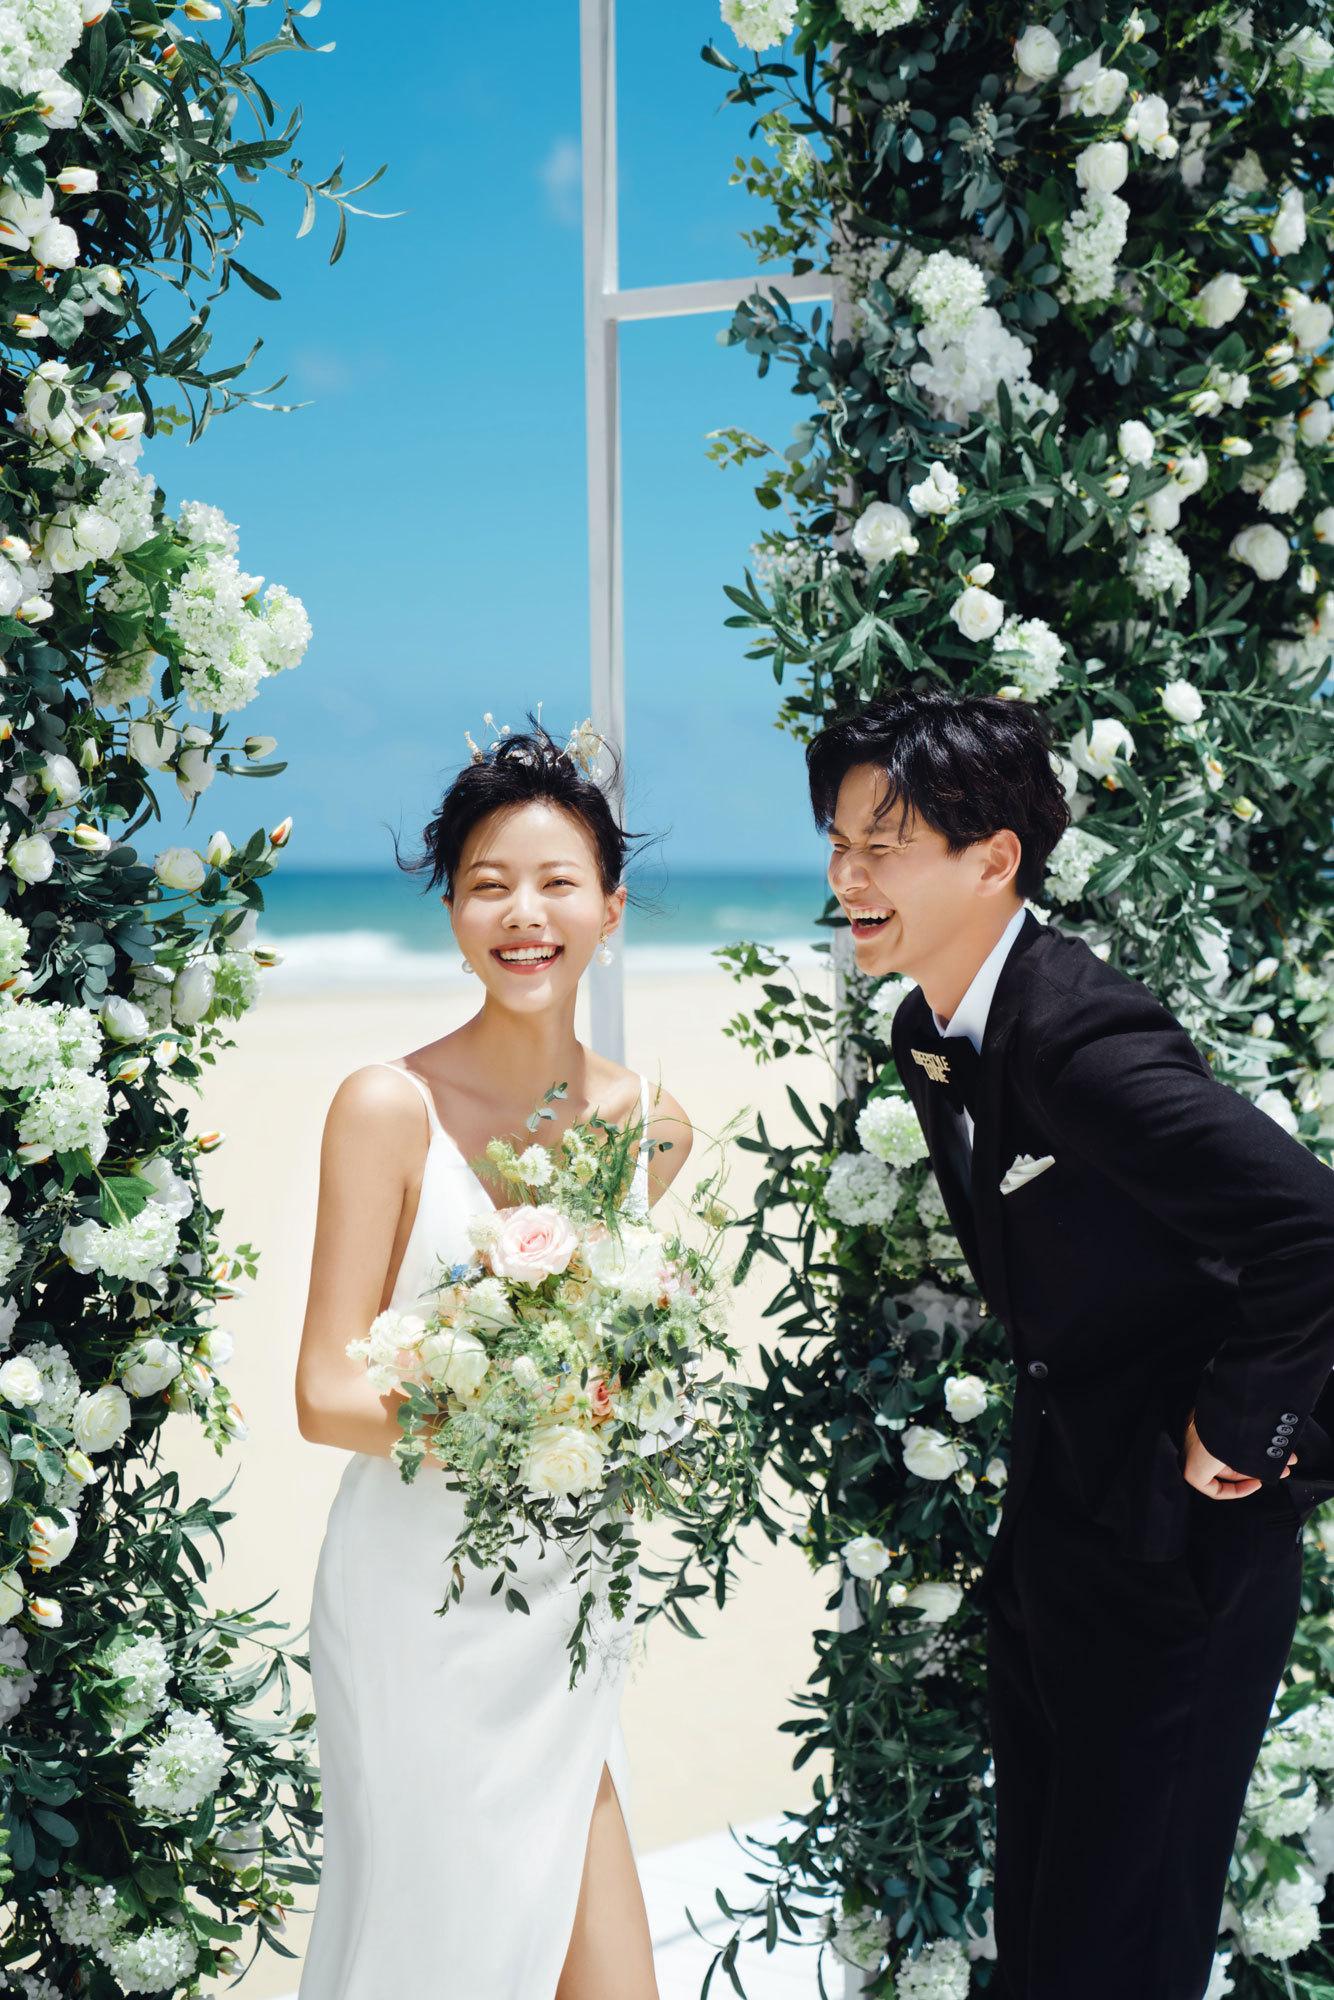 超丰富的甜蜜婚礼时间表 新人你怎么可能引起空�g震�颖富楸乇�